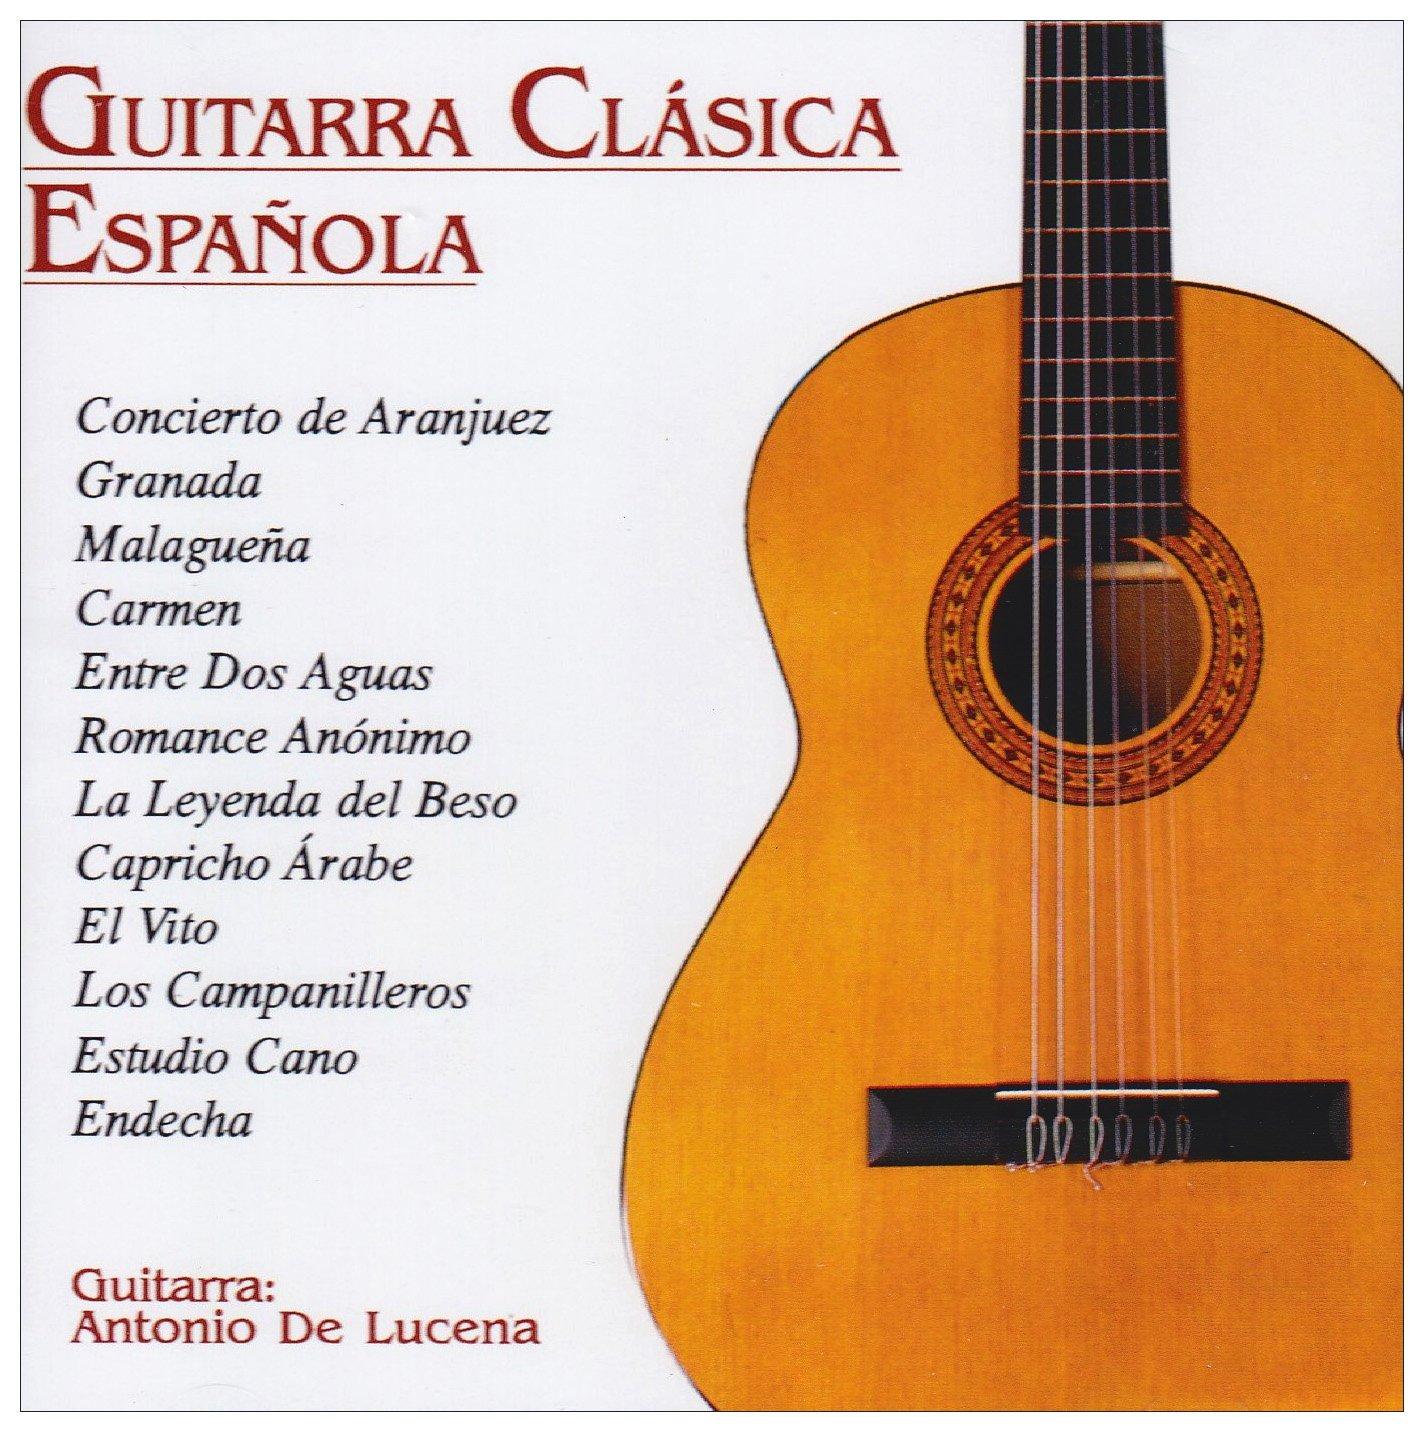 Musica de guitarra española